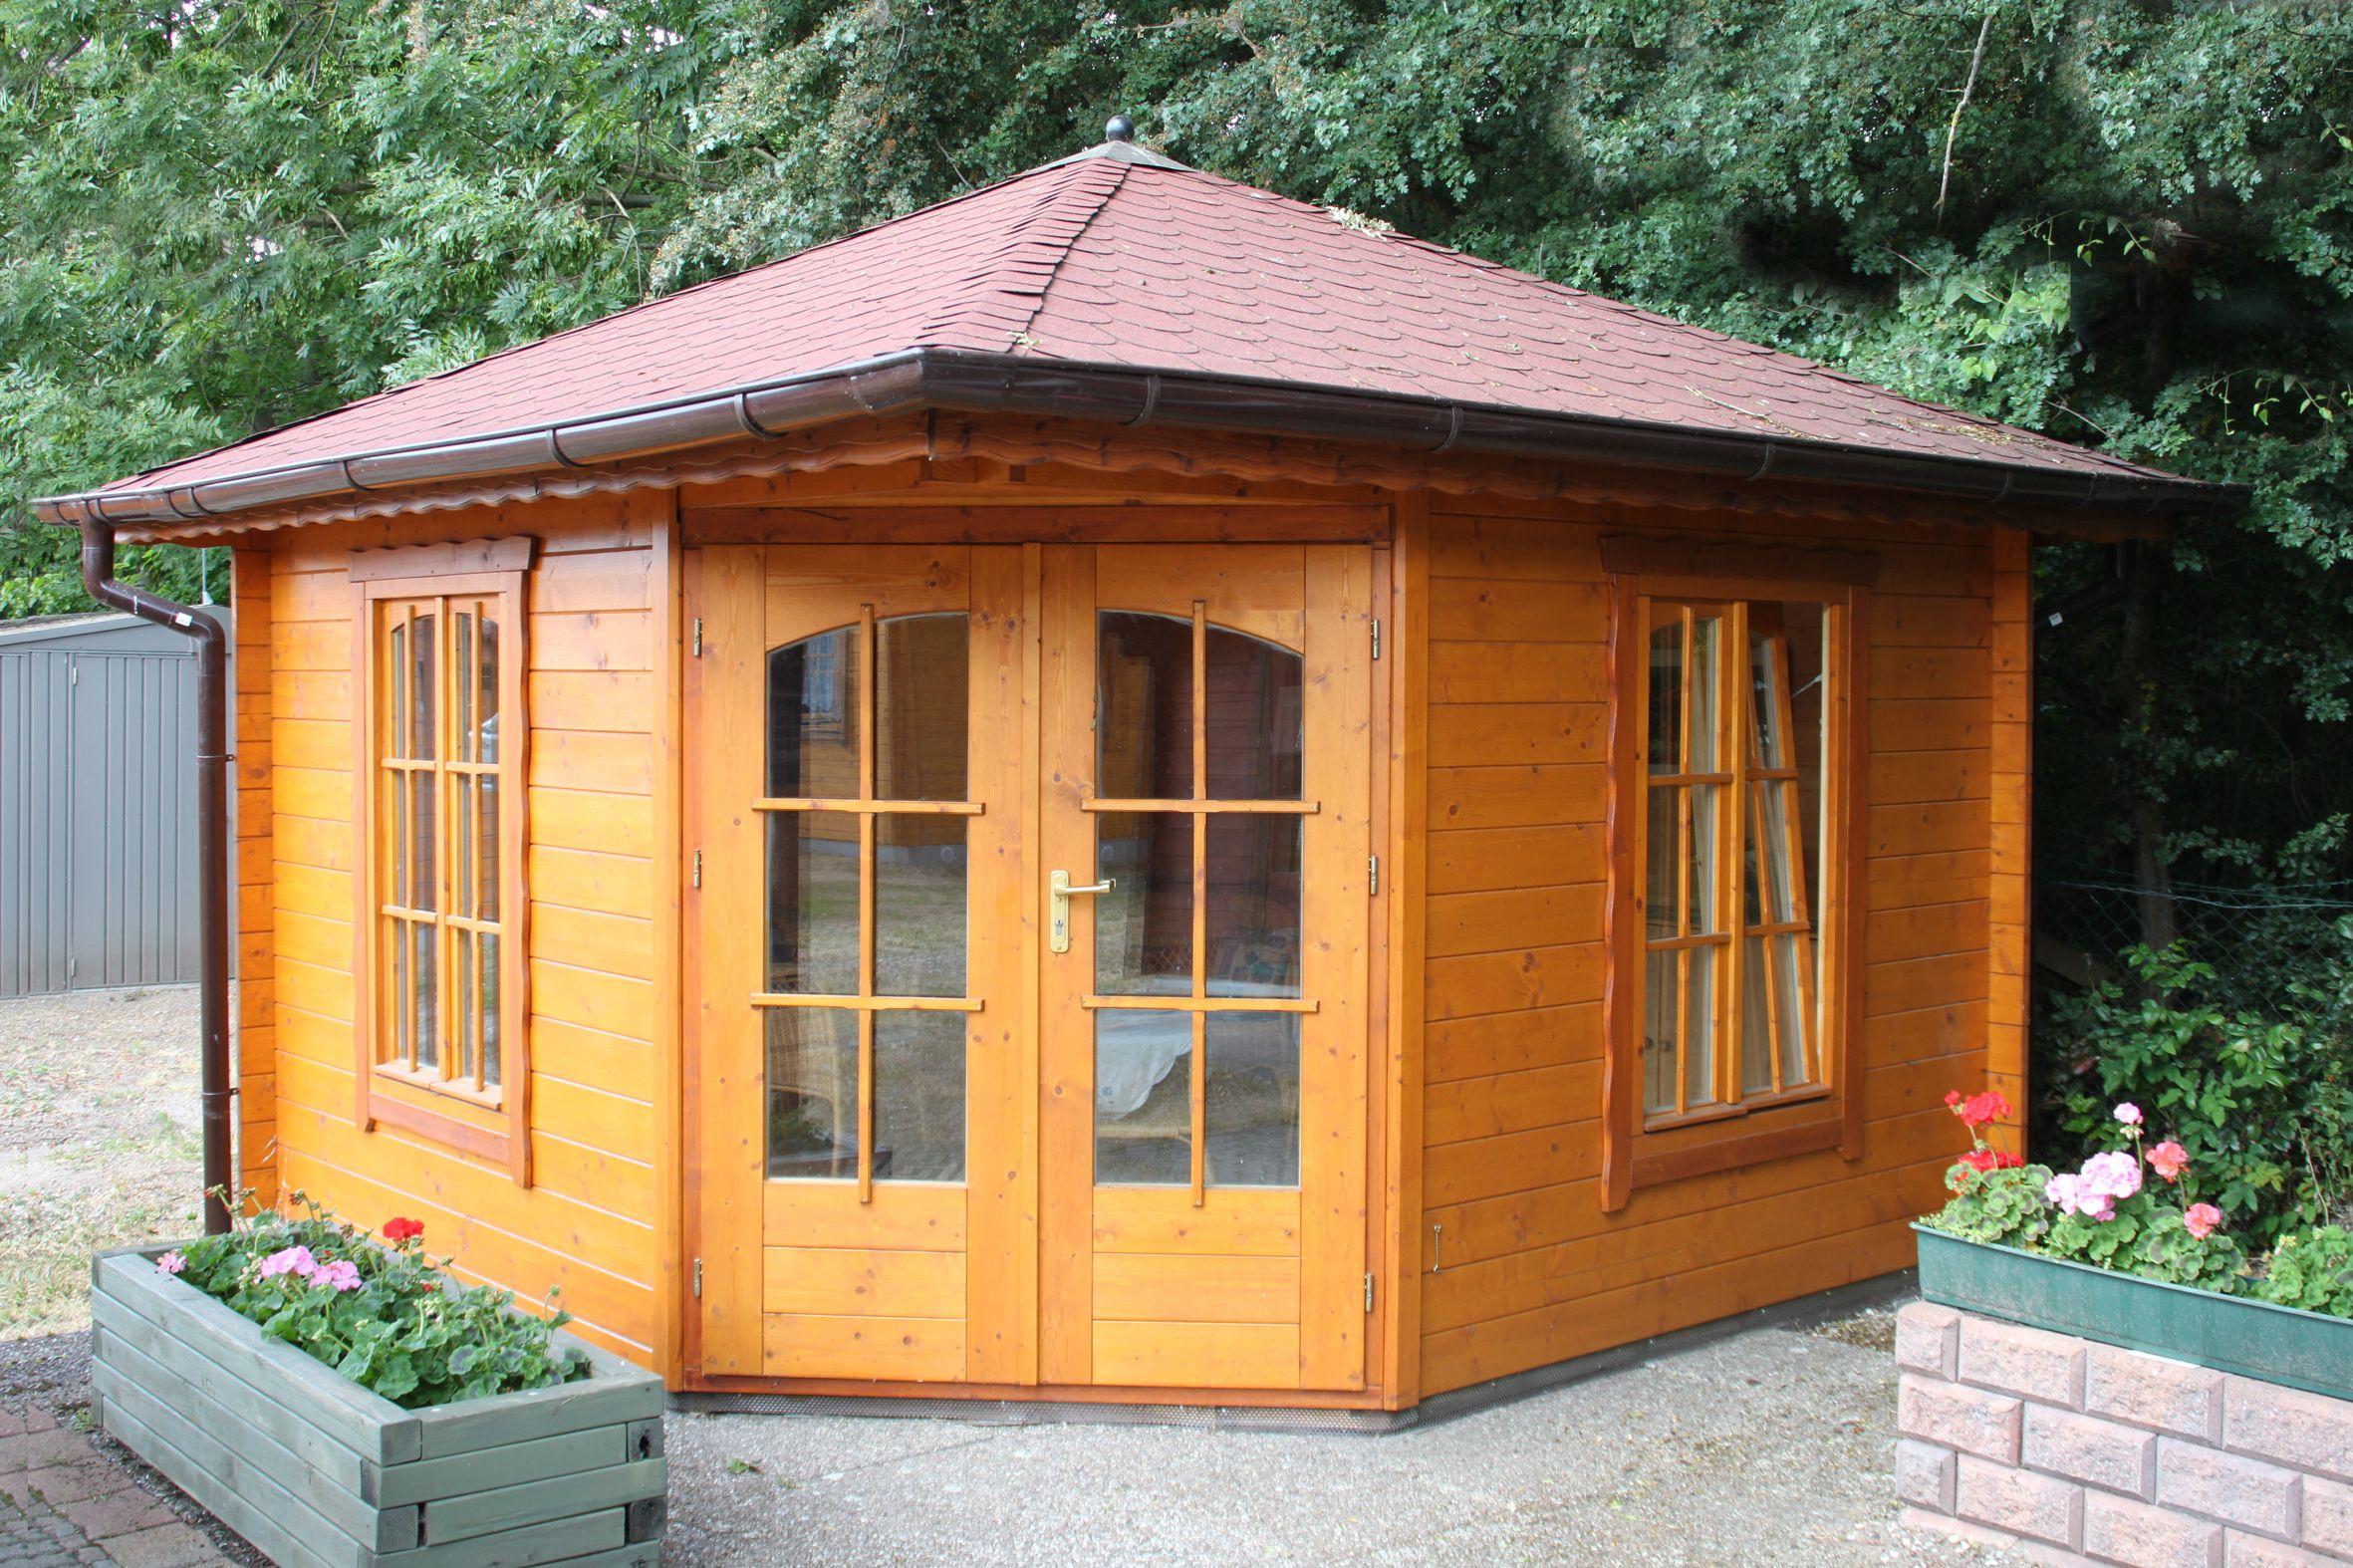 Pin von Grave Holzhäuser auf Gartenblockhäuser Pavillon